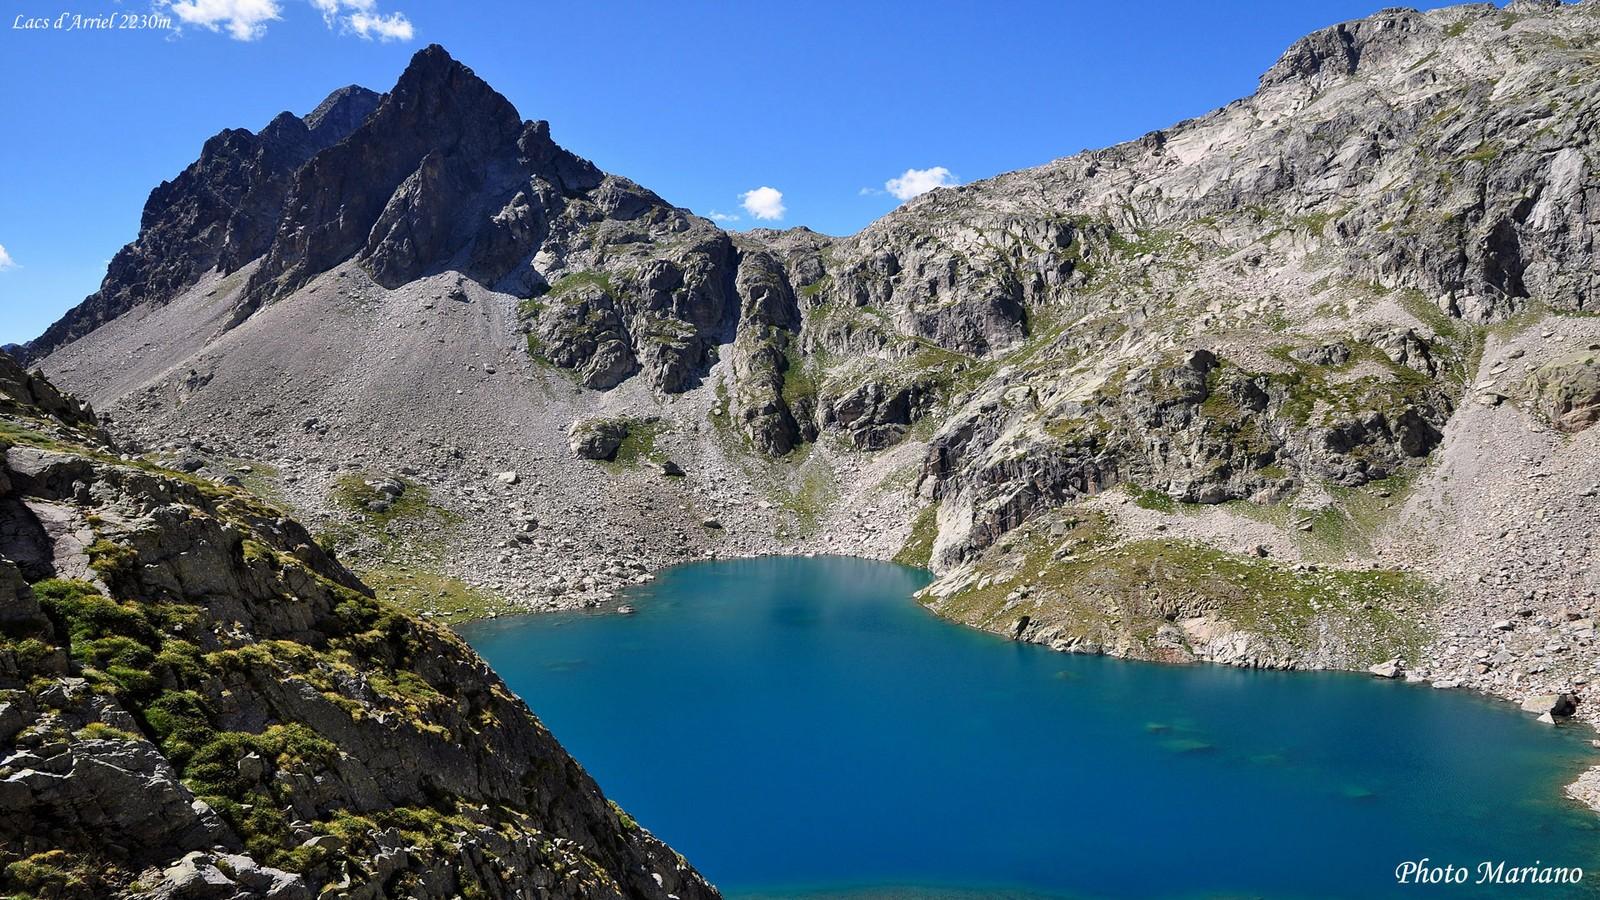 Les-Lacs-des-Pyrenees_034